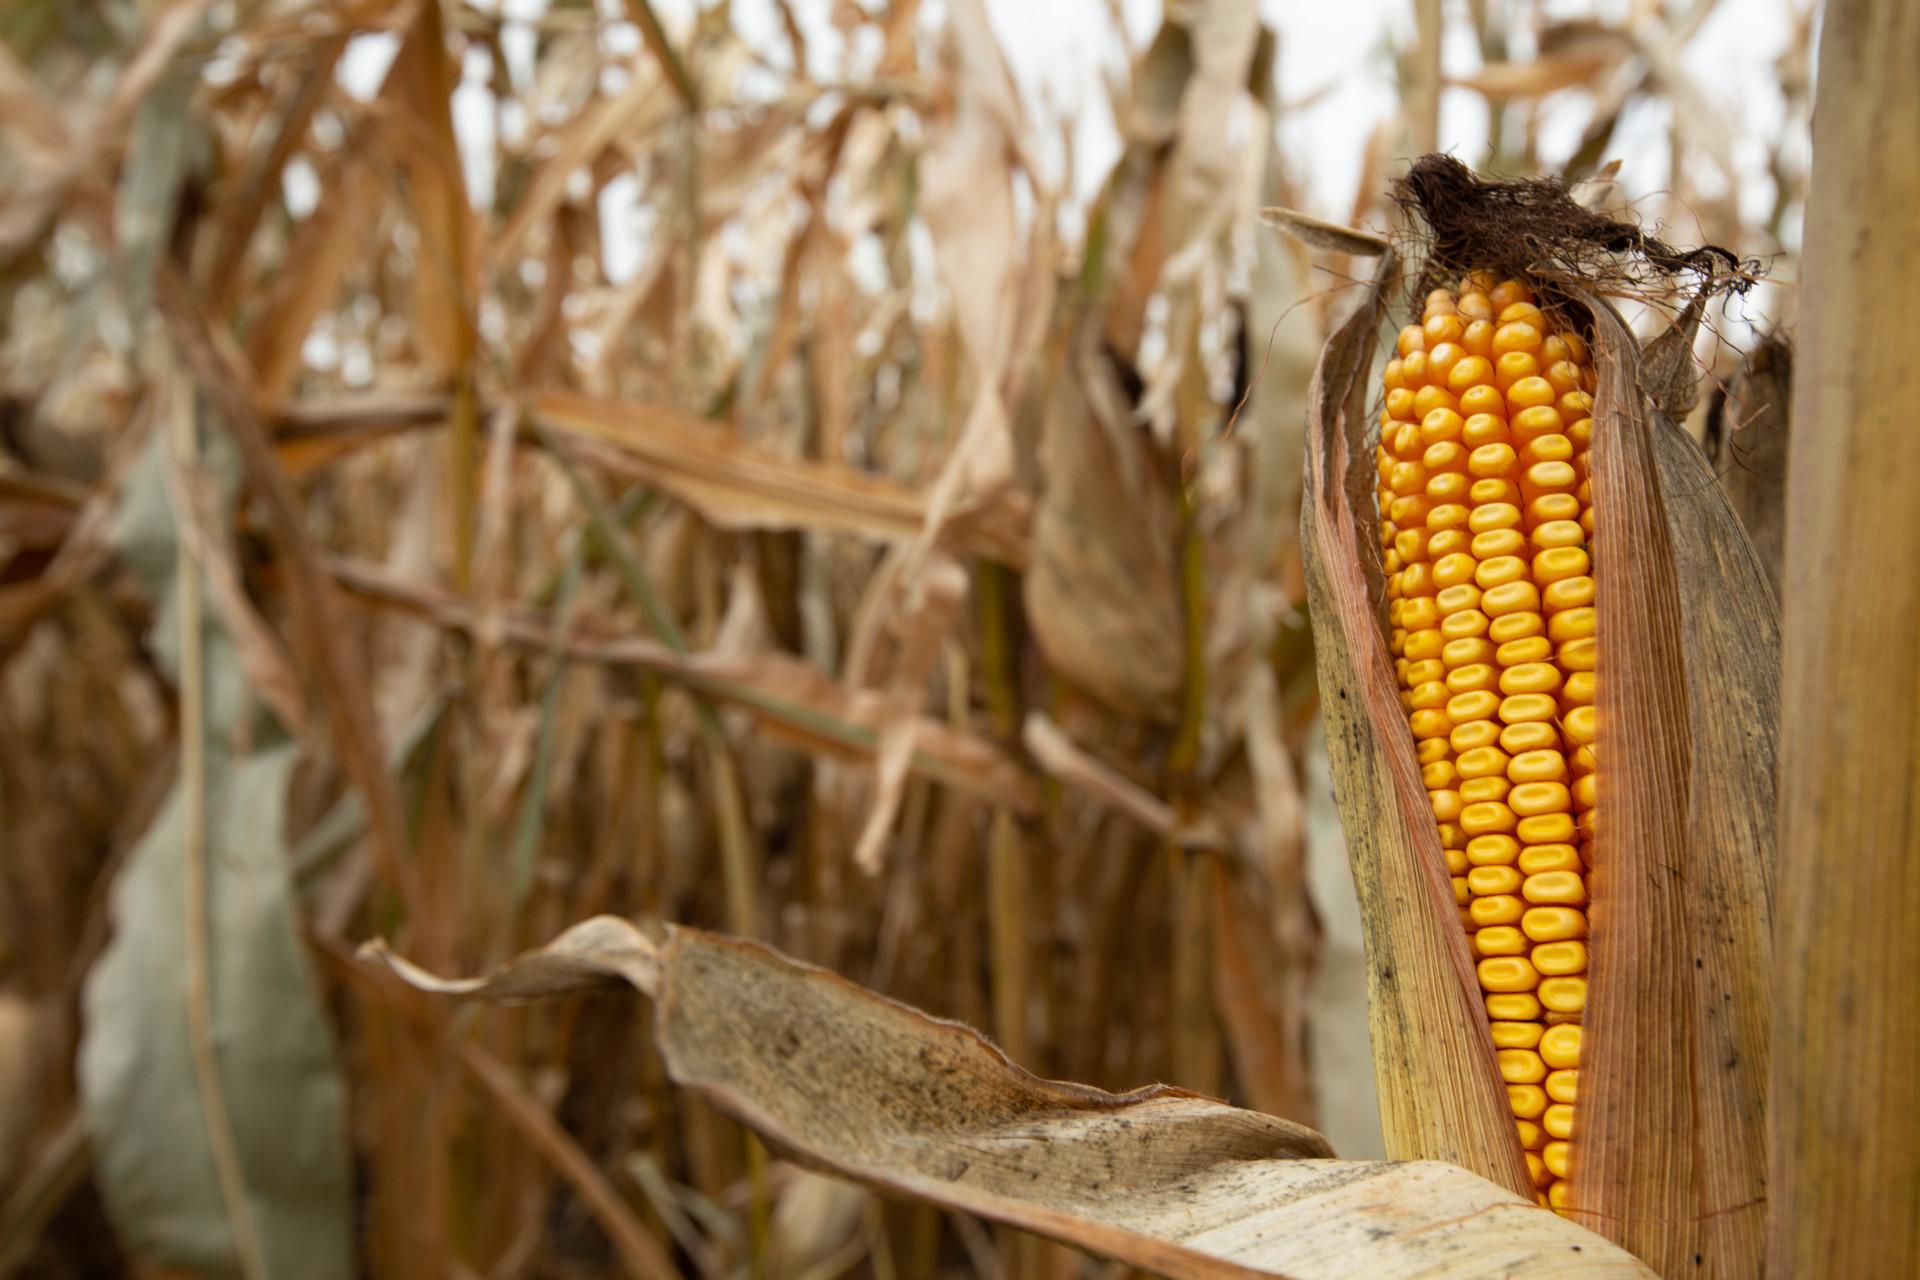 Closeup of corn cob at harvest